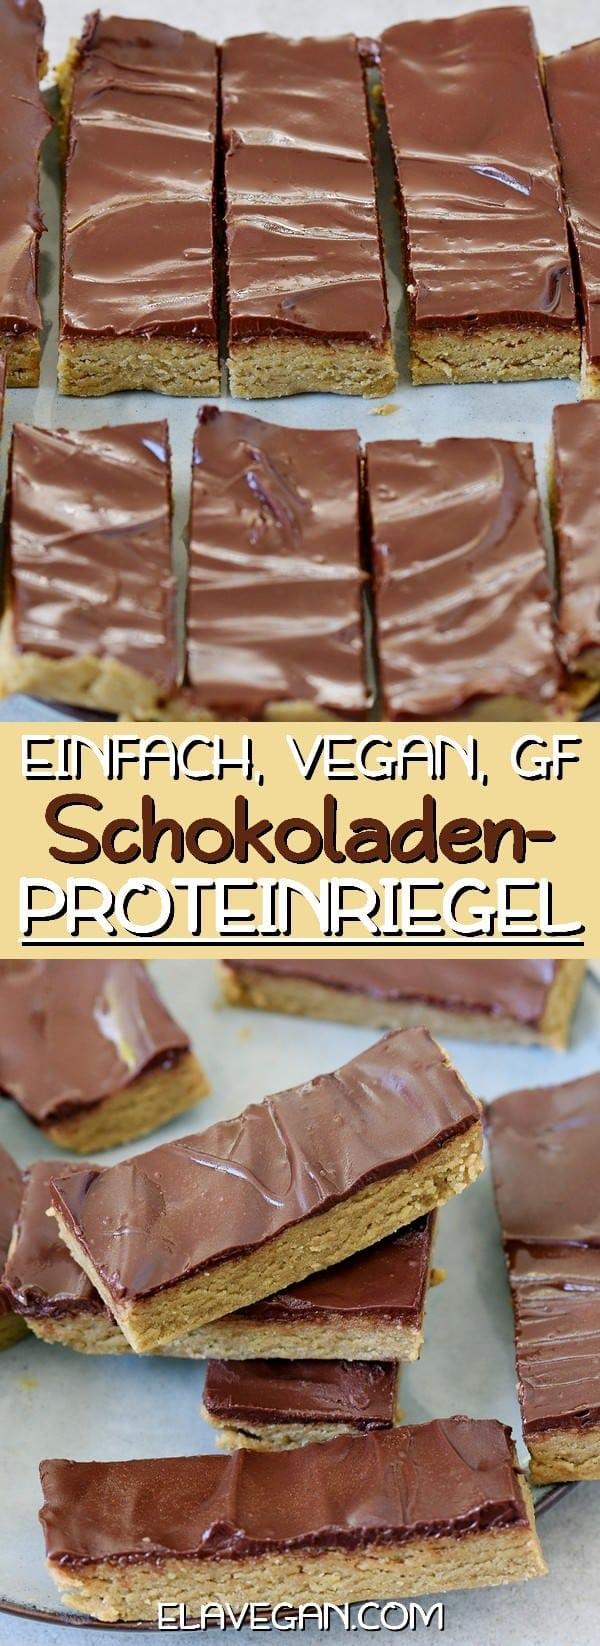 Proteinriegel mit Schokolade einfaches veganes Rezept